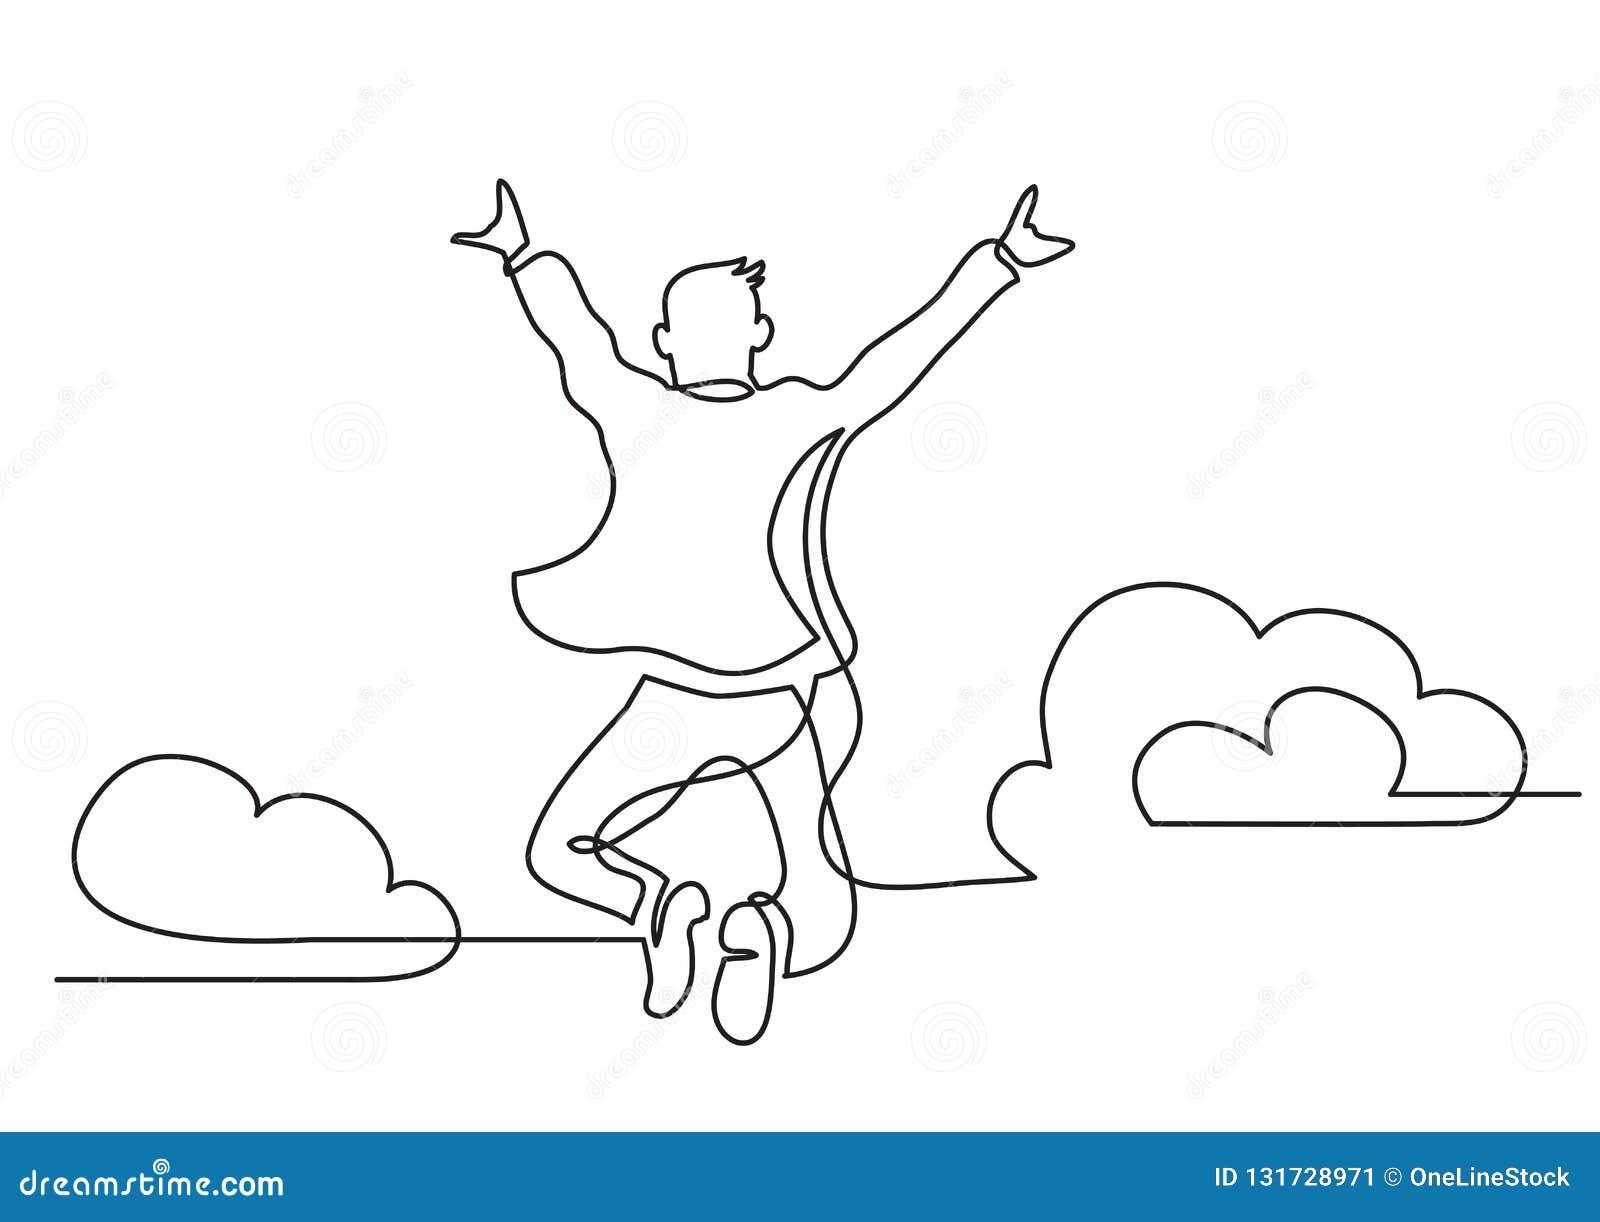 一愉快的人跳跃的高云线描